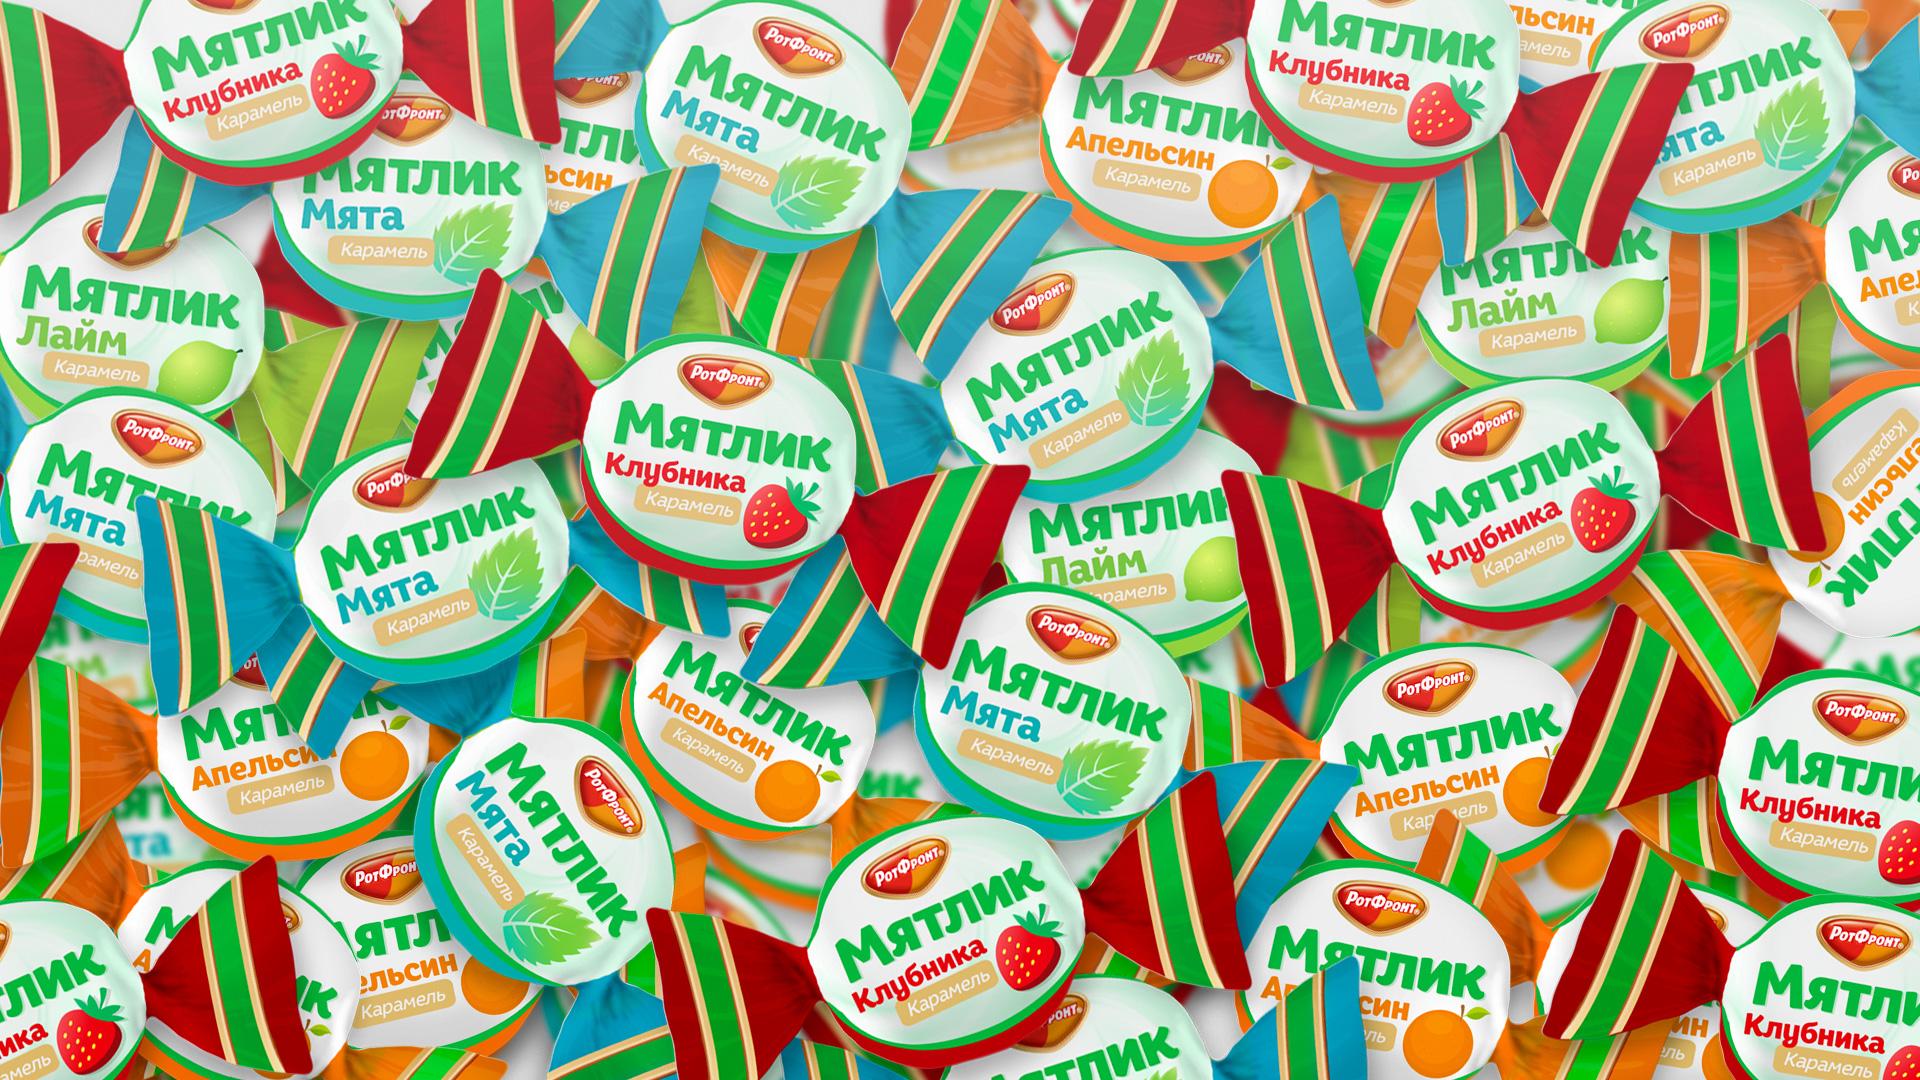 Разработка дизайна упаковки для мятной карамели от Рот Фронт фото f_57059f243587a6bc.jpg